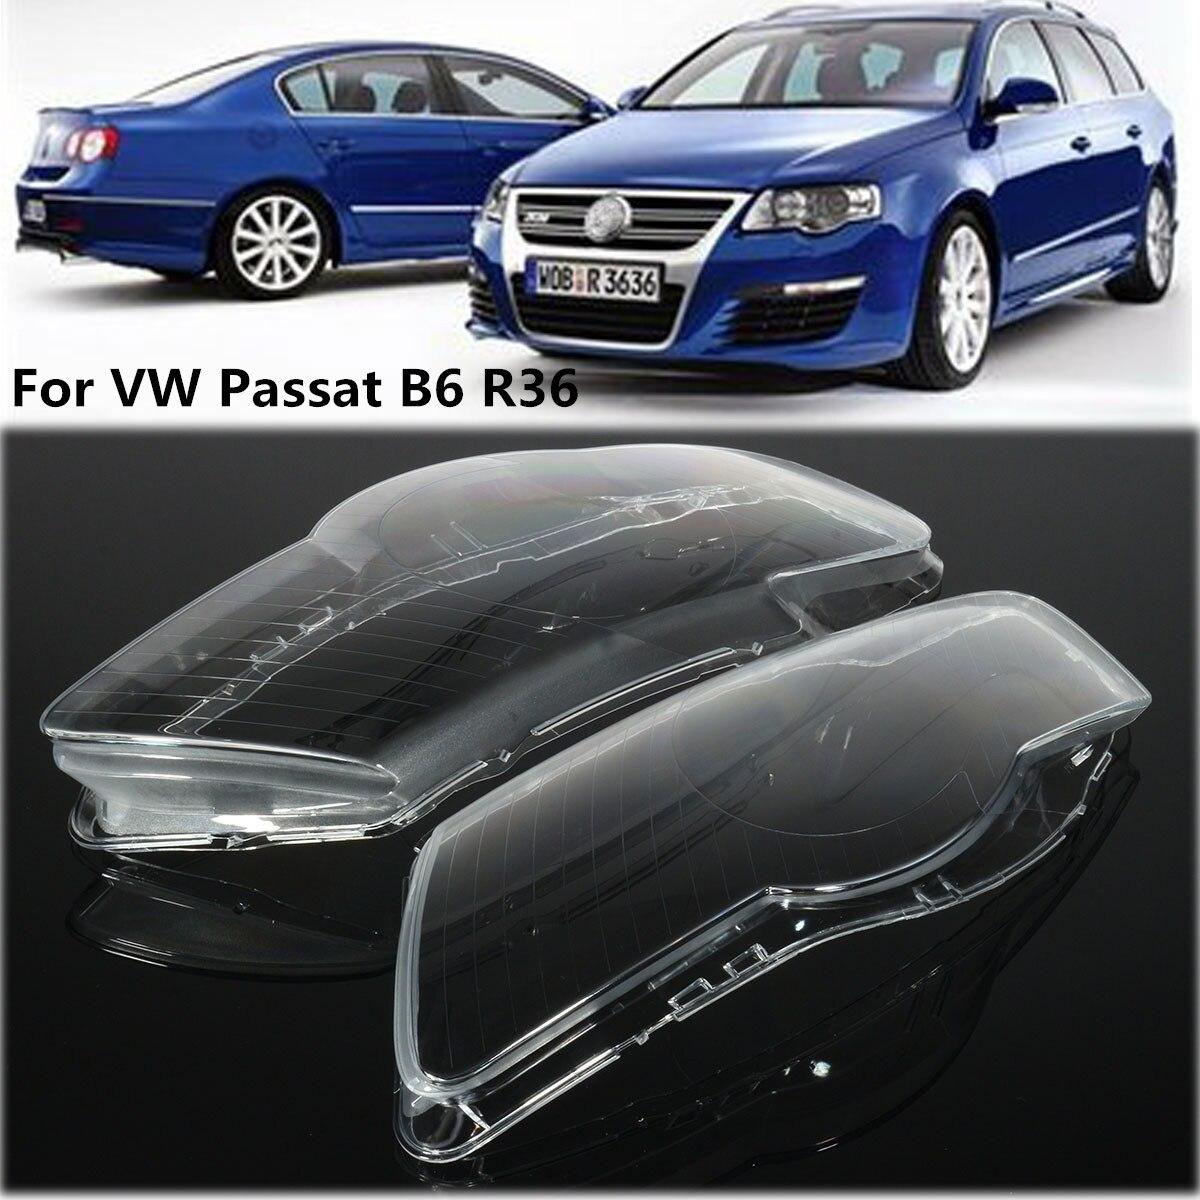 Paire phare de voiture phare étanche clair couvercle lentille pour Volkswagen VW Passat B6 bi-xénon phares R36